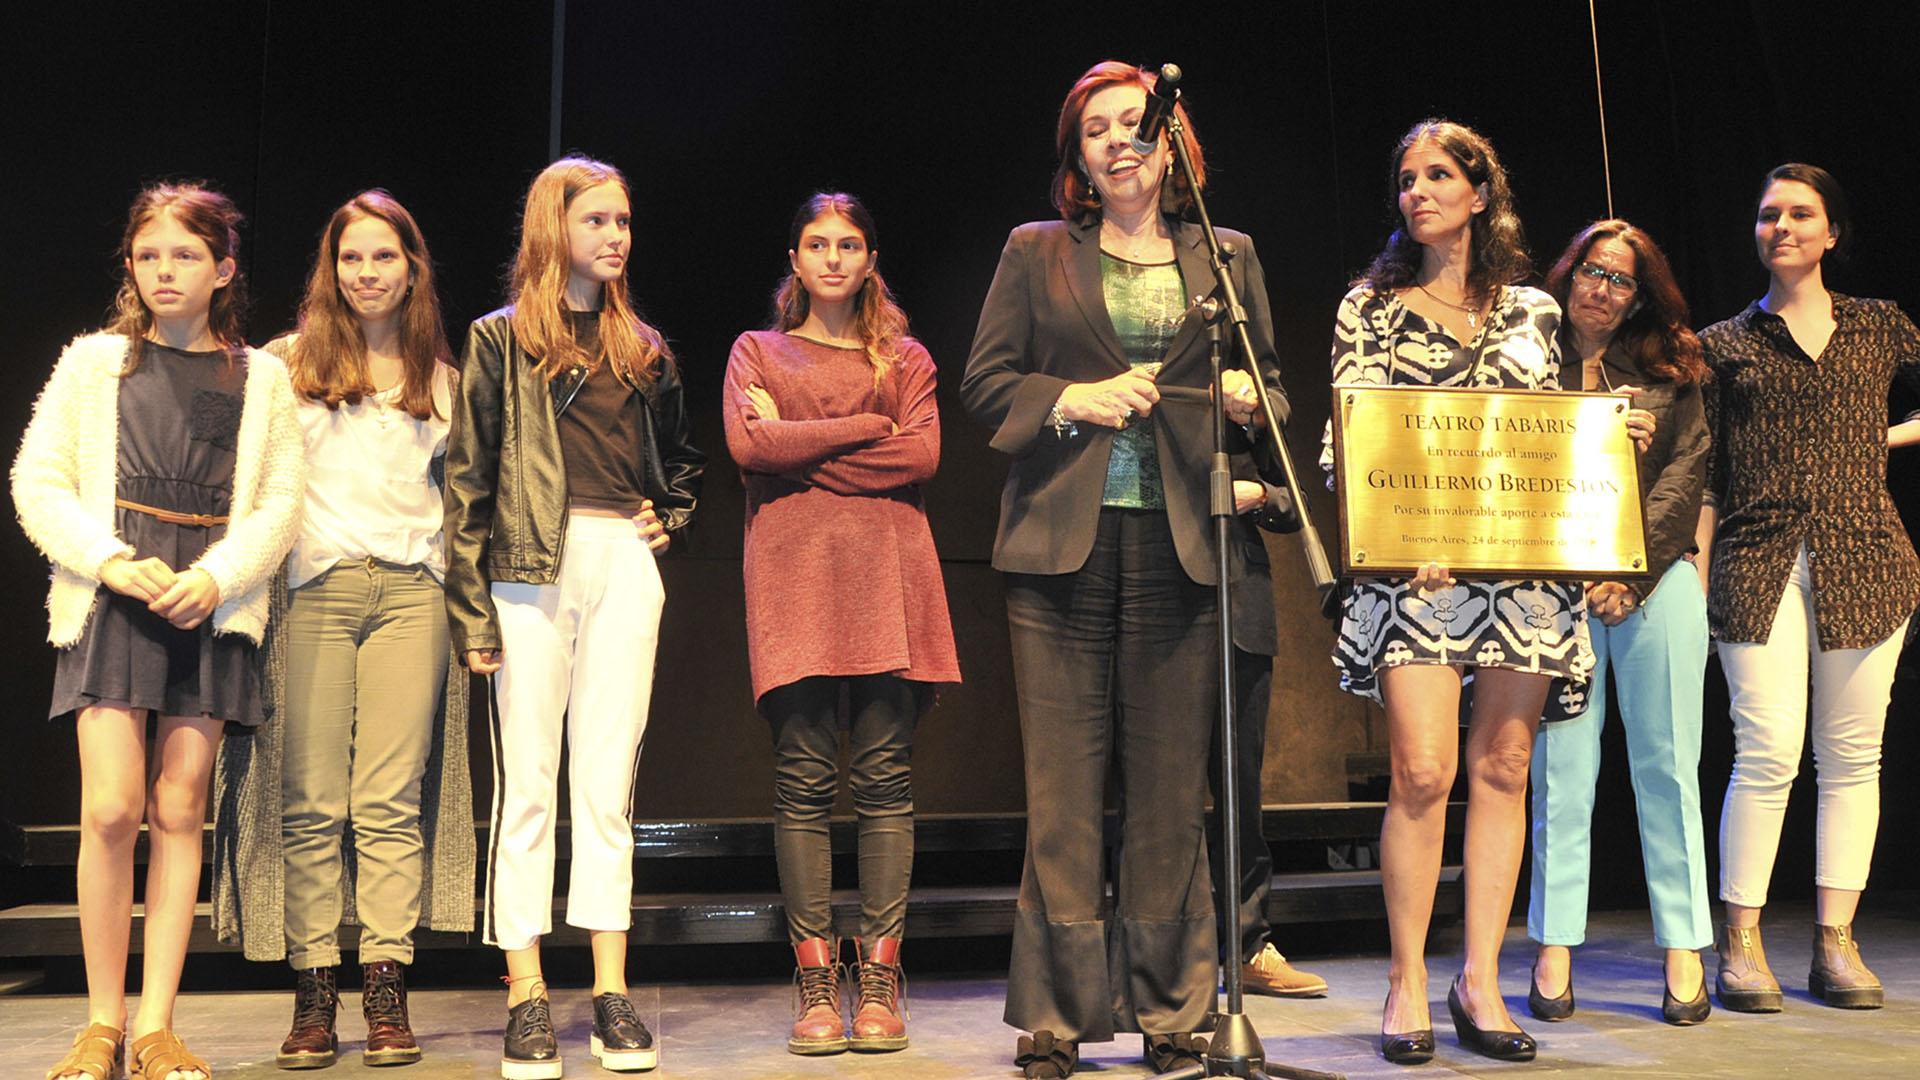 Nora Cárpena y su familia subieron al escenario para rendirle homenaje al recientemente fallecido Guillermo Bredeston, cuyo nombre quedará inmortalizado en una plaqueta recordatoria